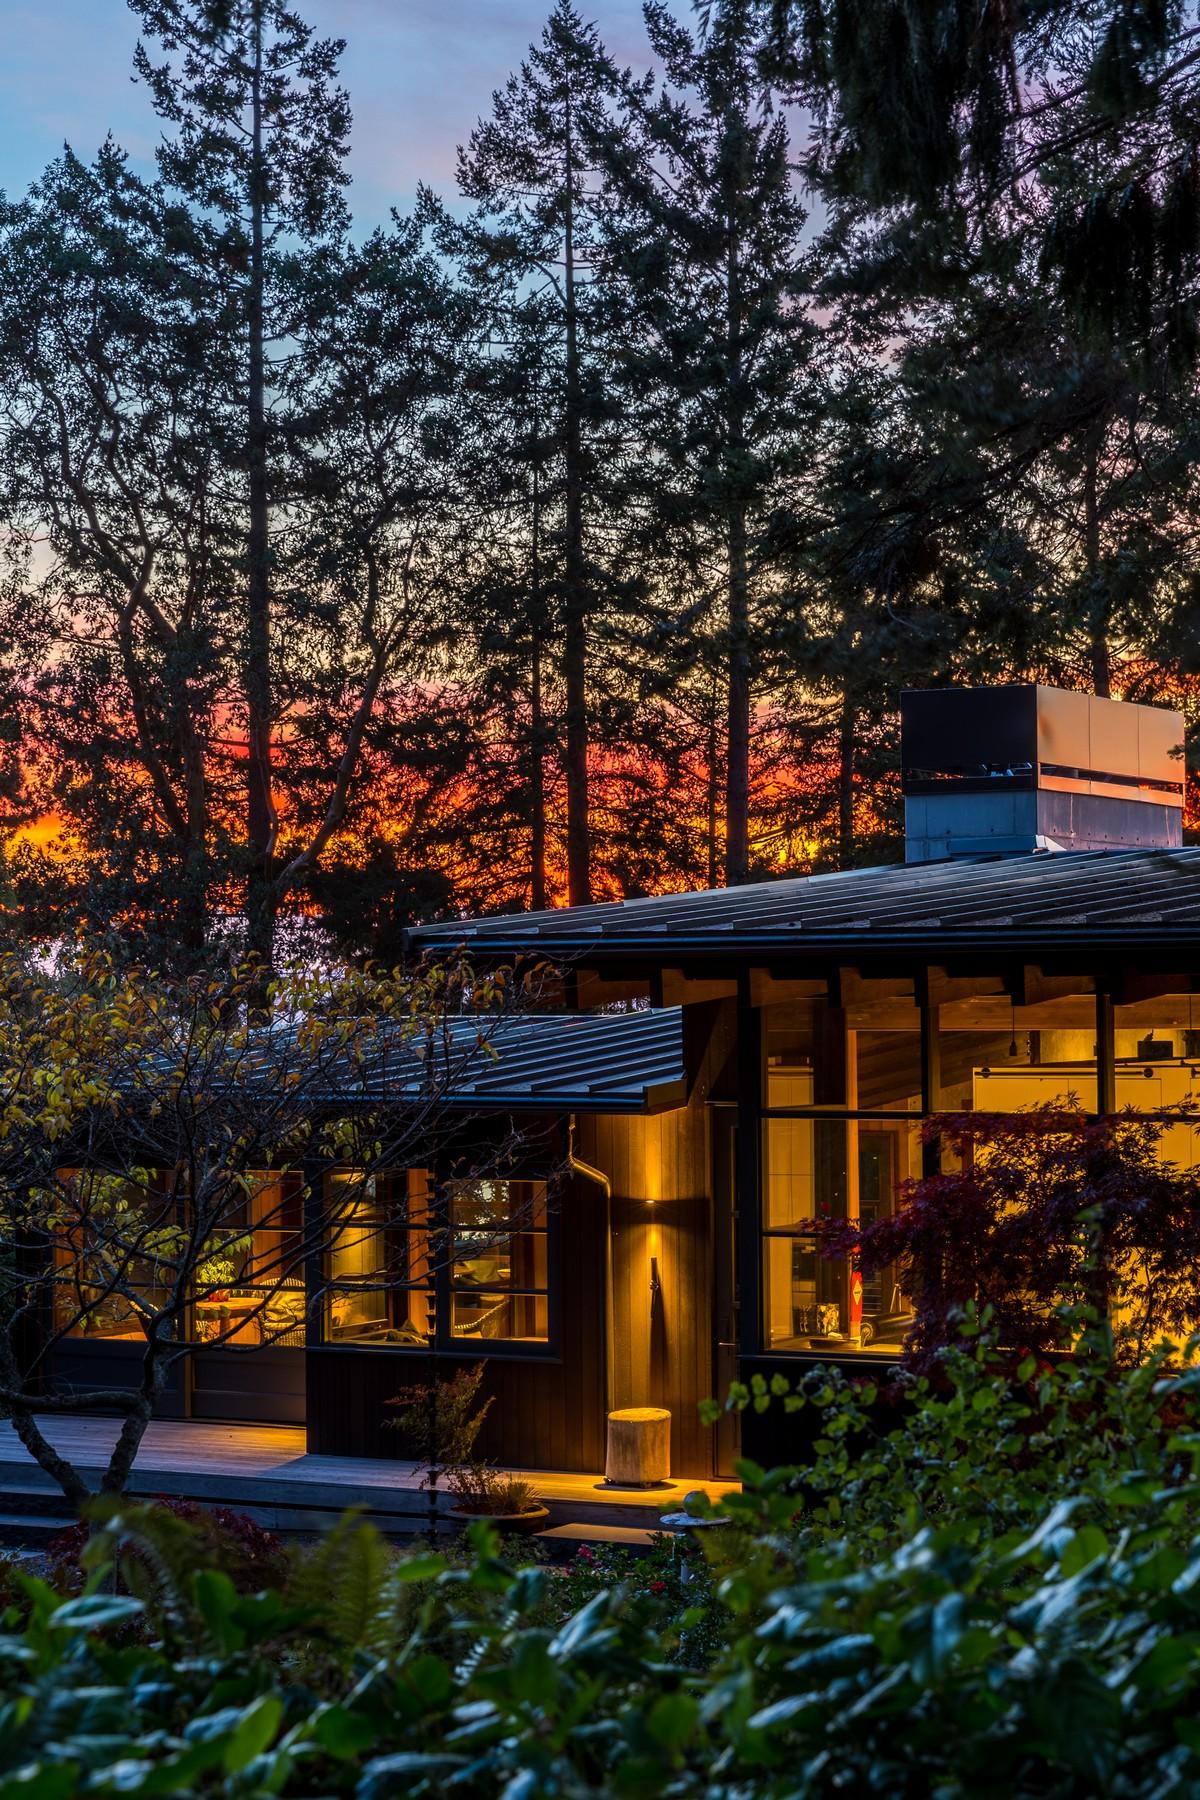 Каркасный дом с видом на залив в США